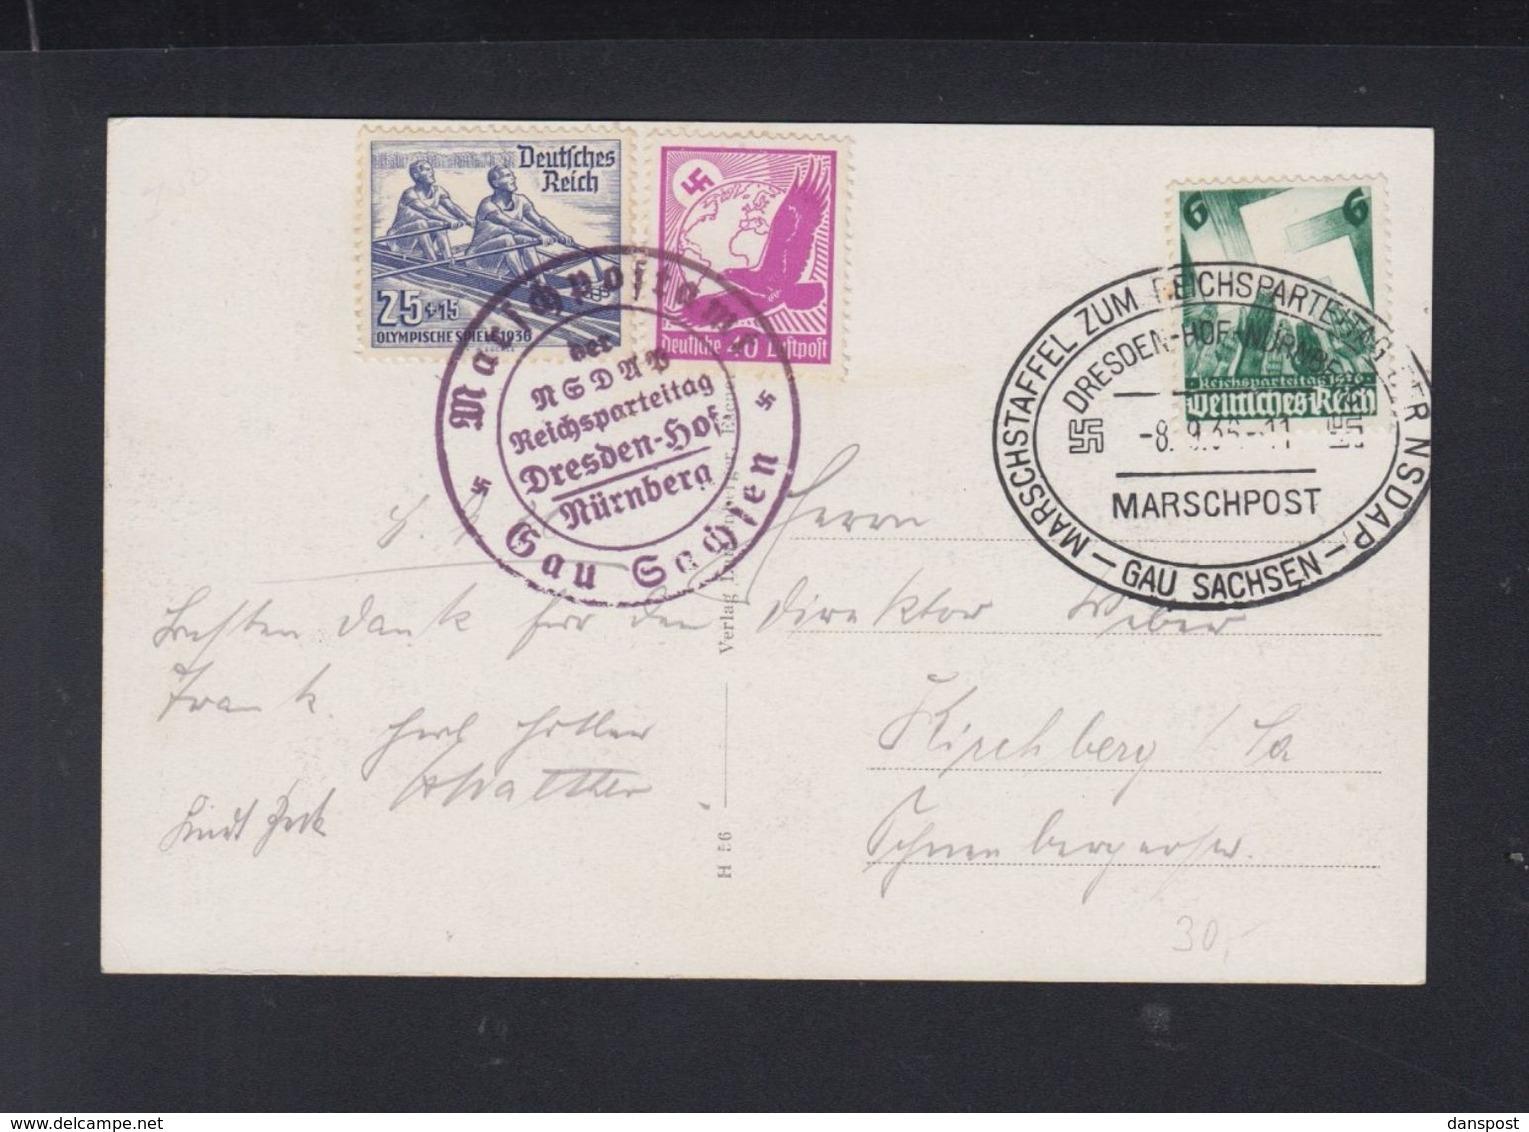 Dt. Reich Marschpost PK Gau Sachsen 1936 - Storia Postale